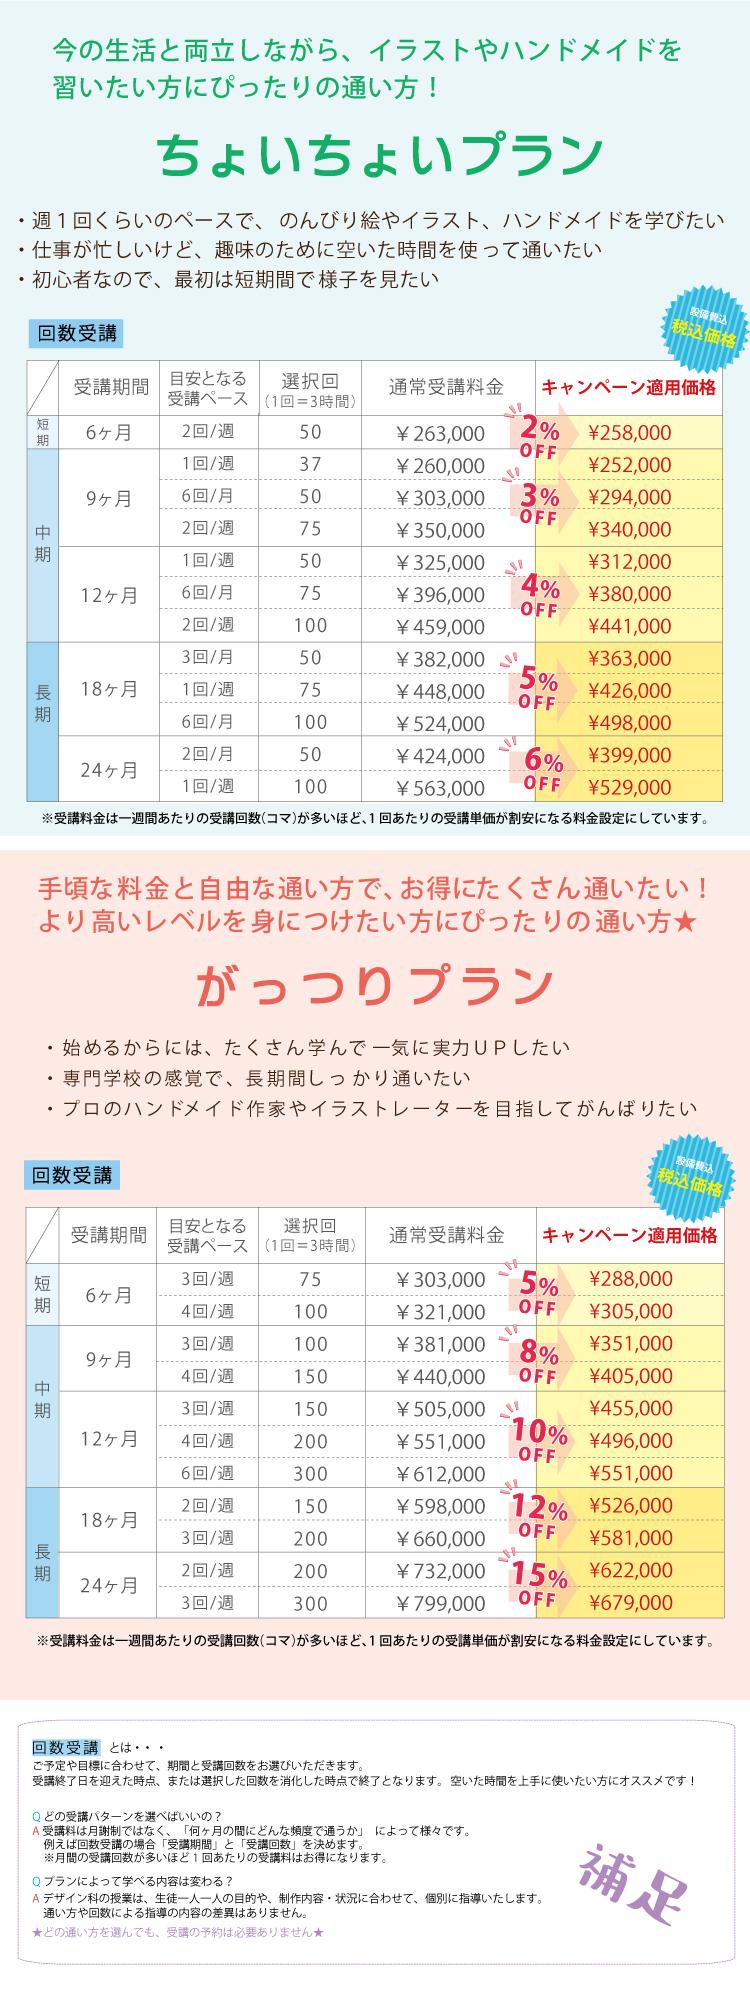 デザイン科キャンペーン価格sp